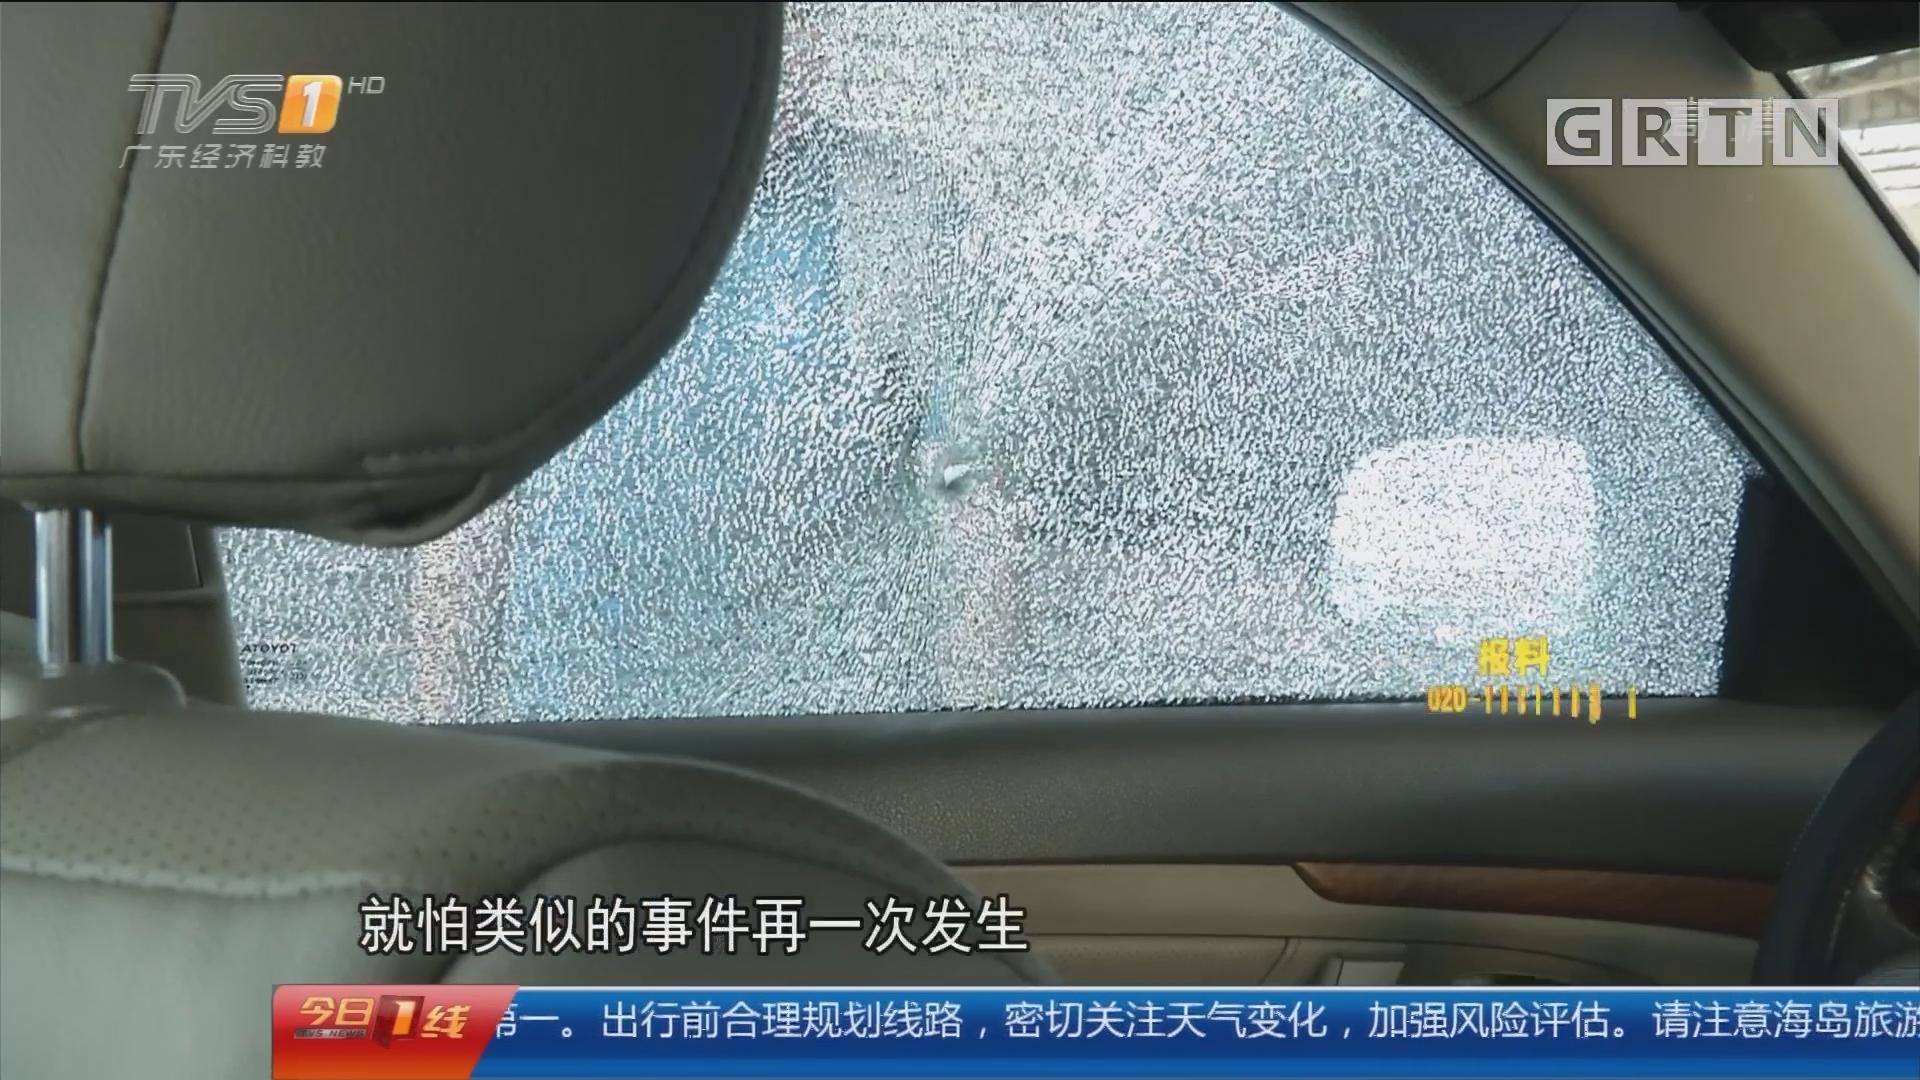 广州:开车途中遇袭玻璃突裂 警方勘查